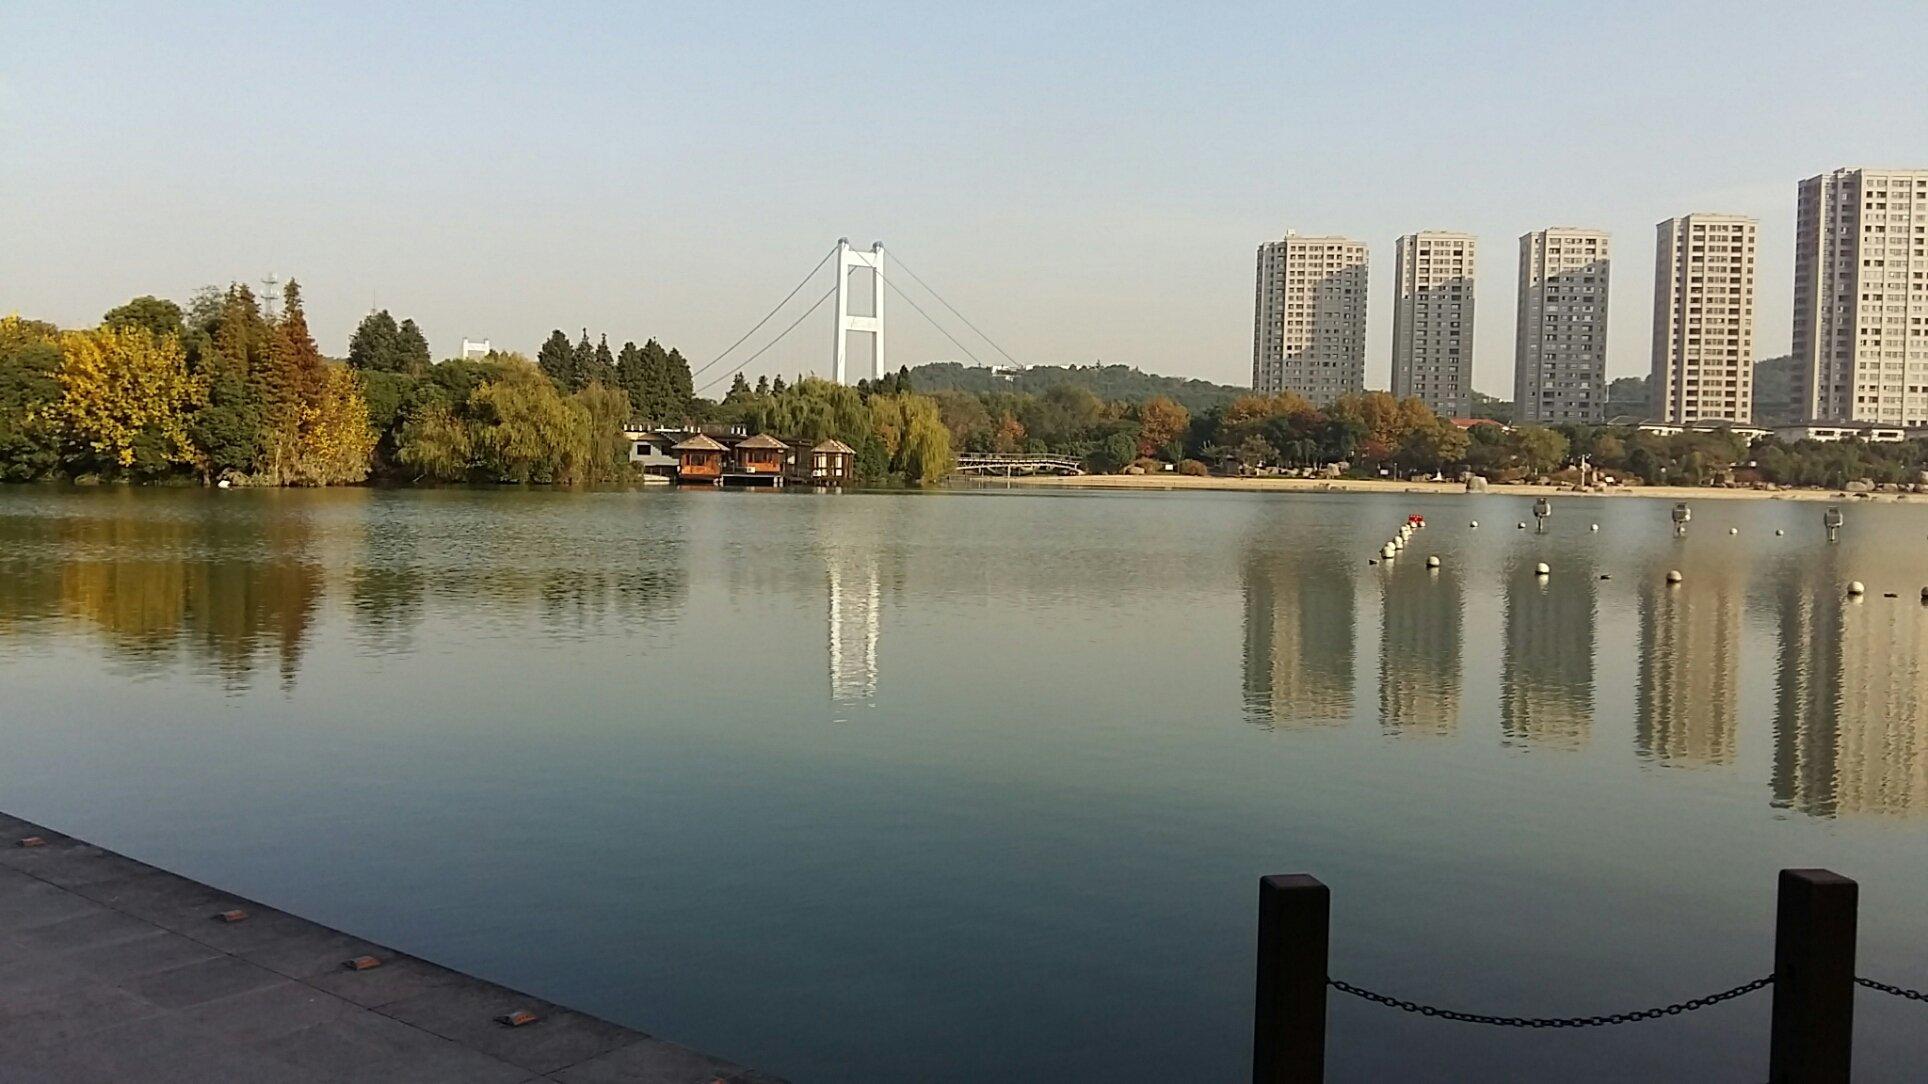 江苏省无锡市江阴市公园路靠近江阴滨江要塞旅游区天气预报